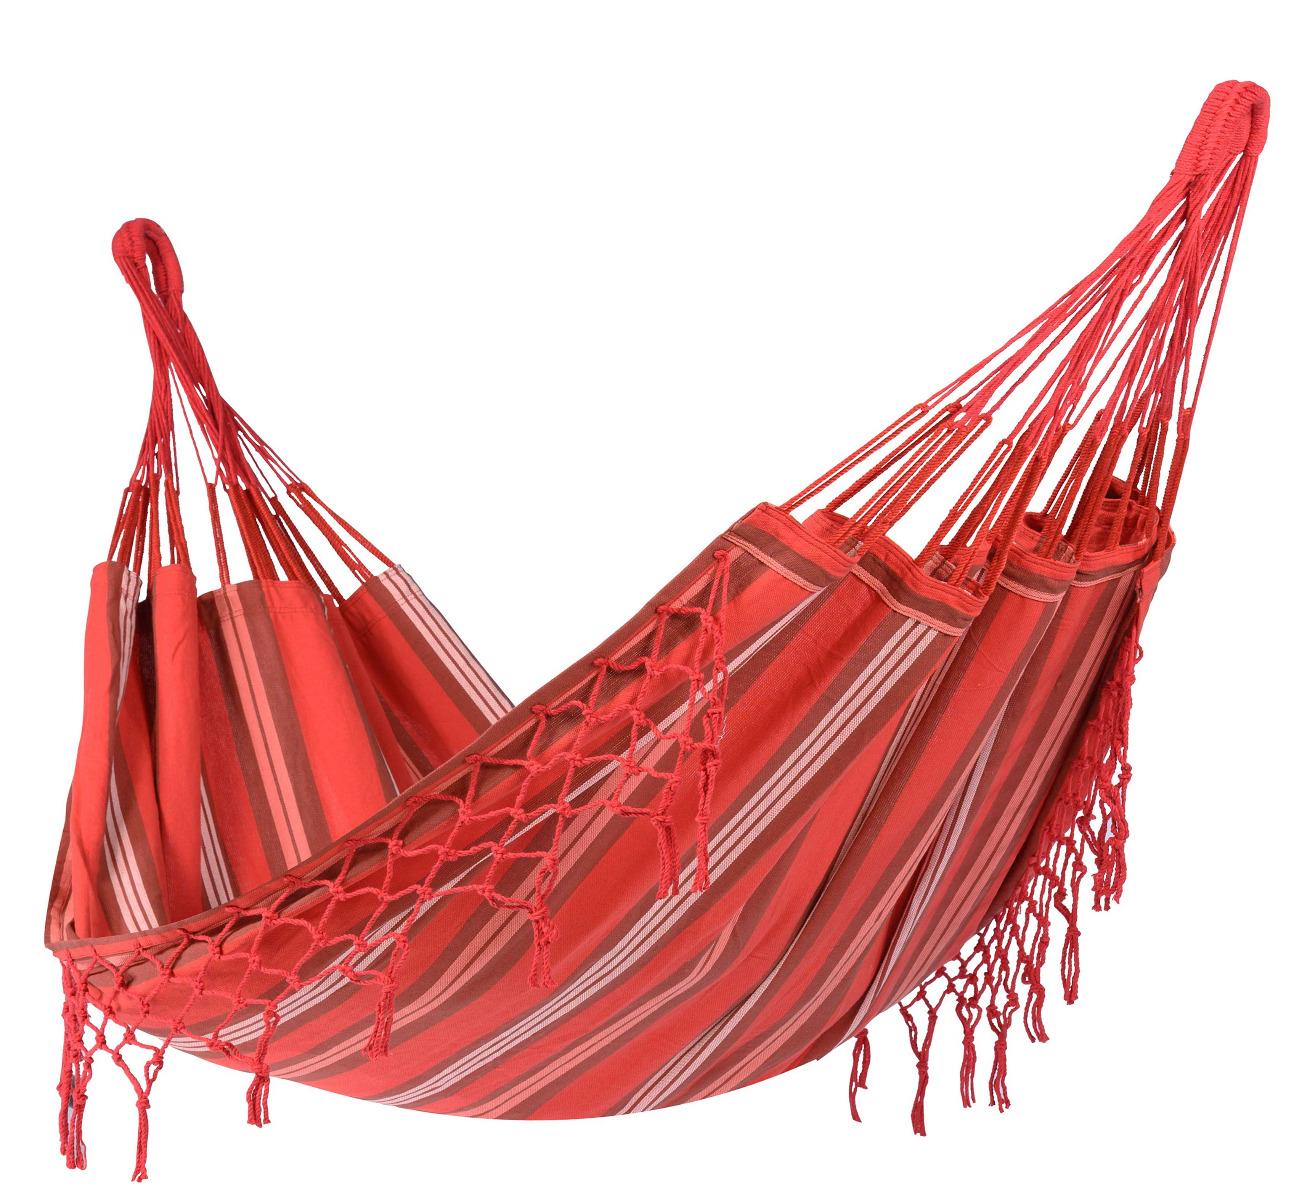 'Bonaire' Fire E�npersoons Hangmat - Veelkleurig - Tropilex �